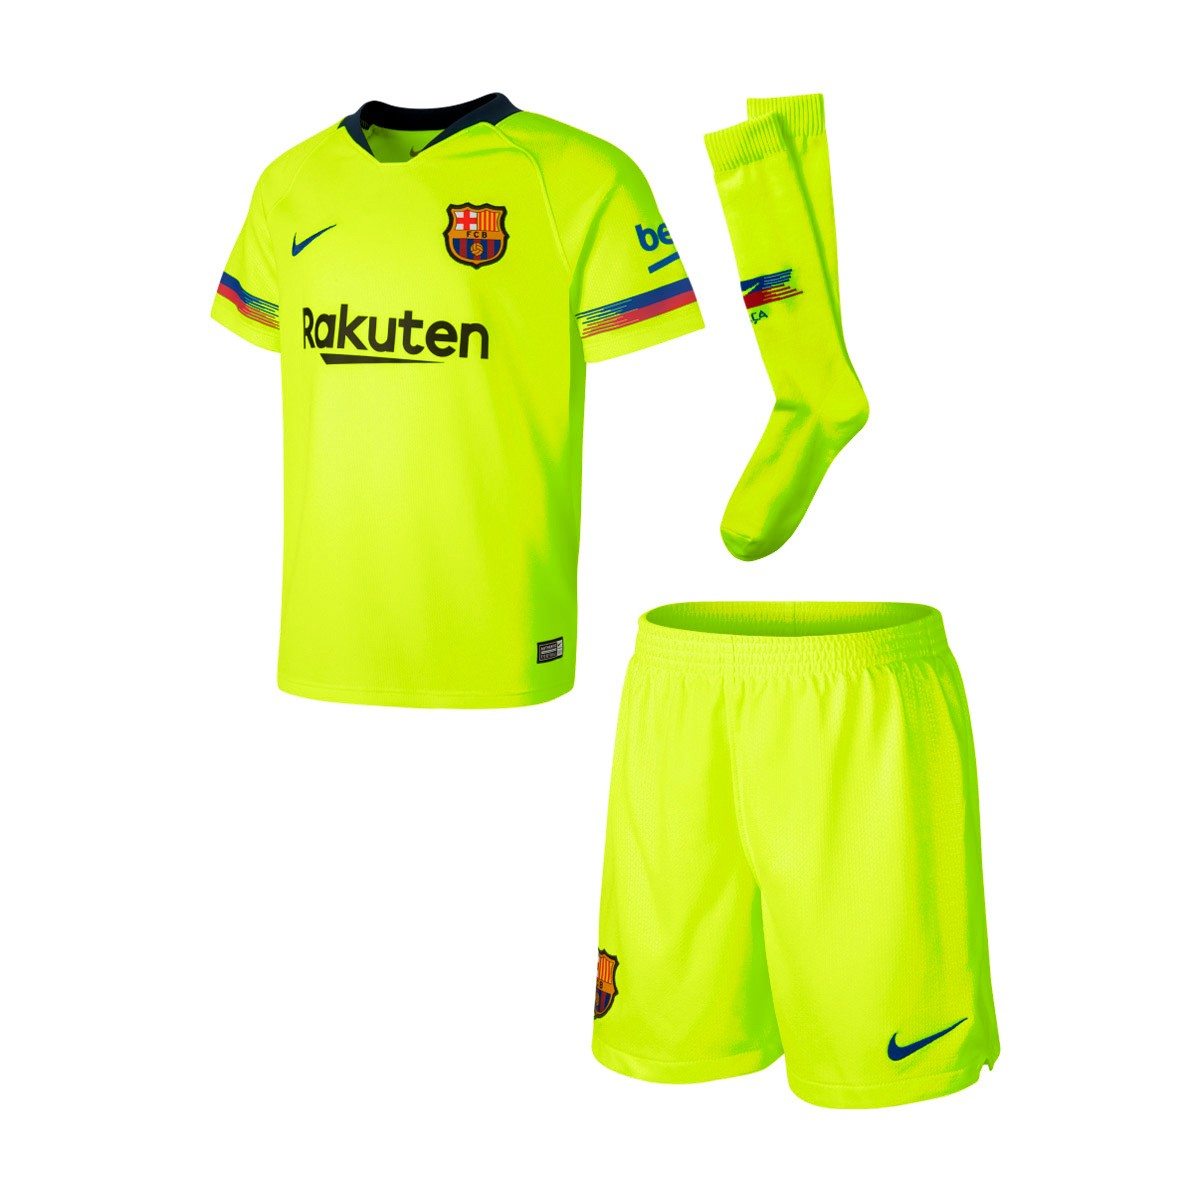 11ea93c241ae0 Conjunto Nike FC Barcelona Segunda Equipación 2018-2019 Niño Volt-Deep  royal blue - Tienda de fútbol Fútbol Emotion